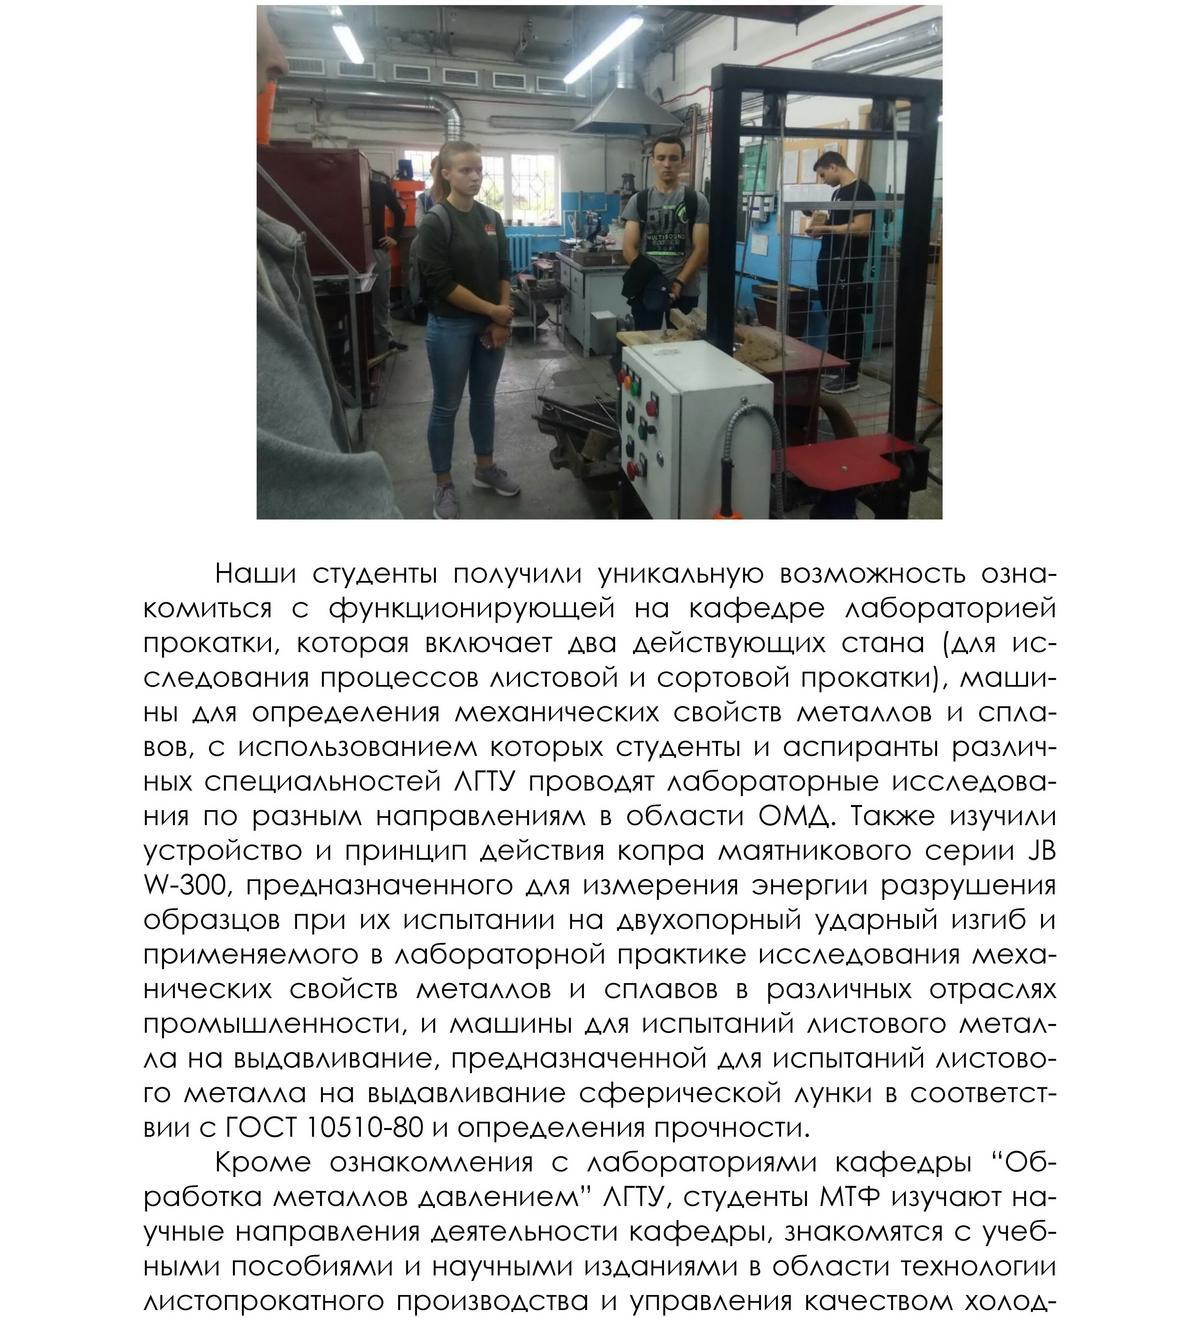 Студенты механико-технологического факультета ГГТУ имени П.О. Сухого проходят производственную практику в Липецком государственном техническом университете 4